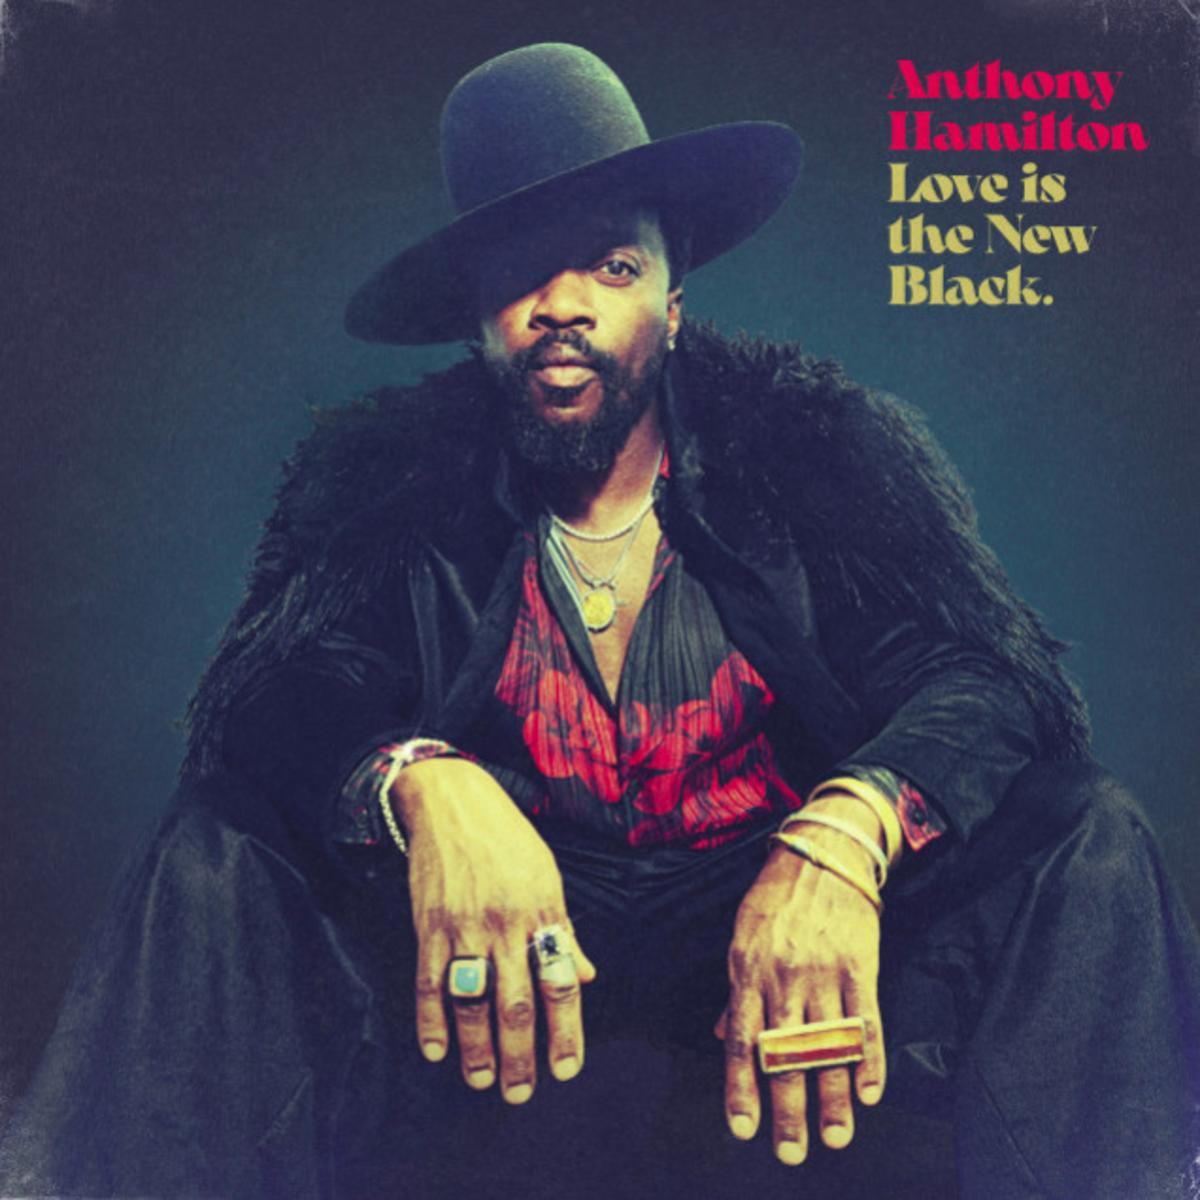 MP3: Anthony Hamilton - Real Love Ft. Rick Ross